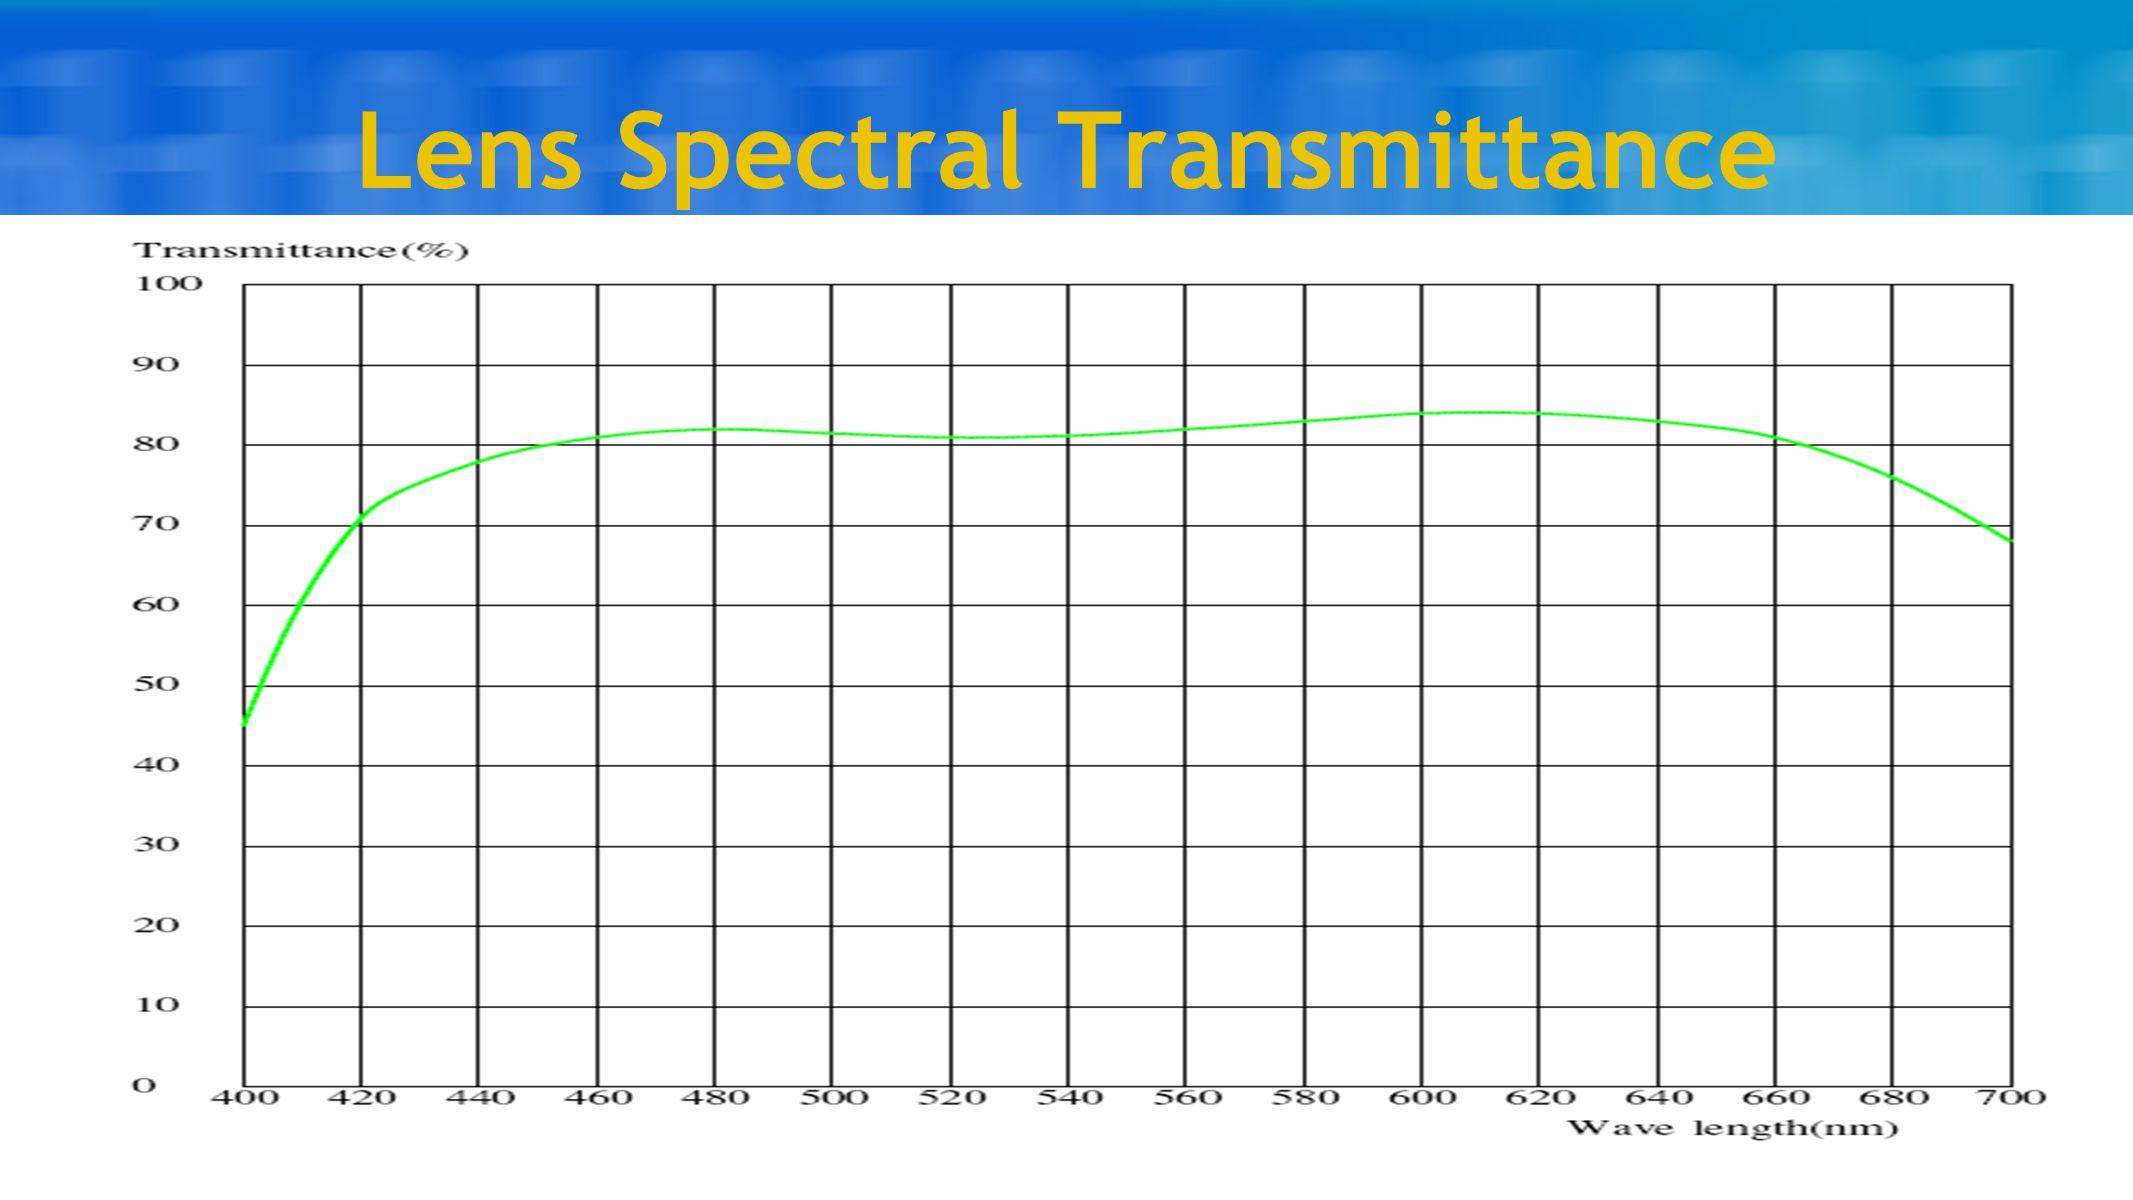 Lens Spectral Transmittance